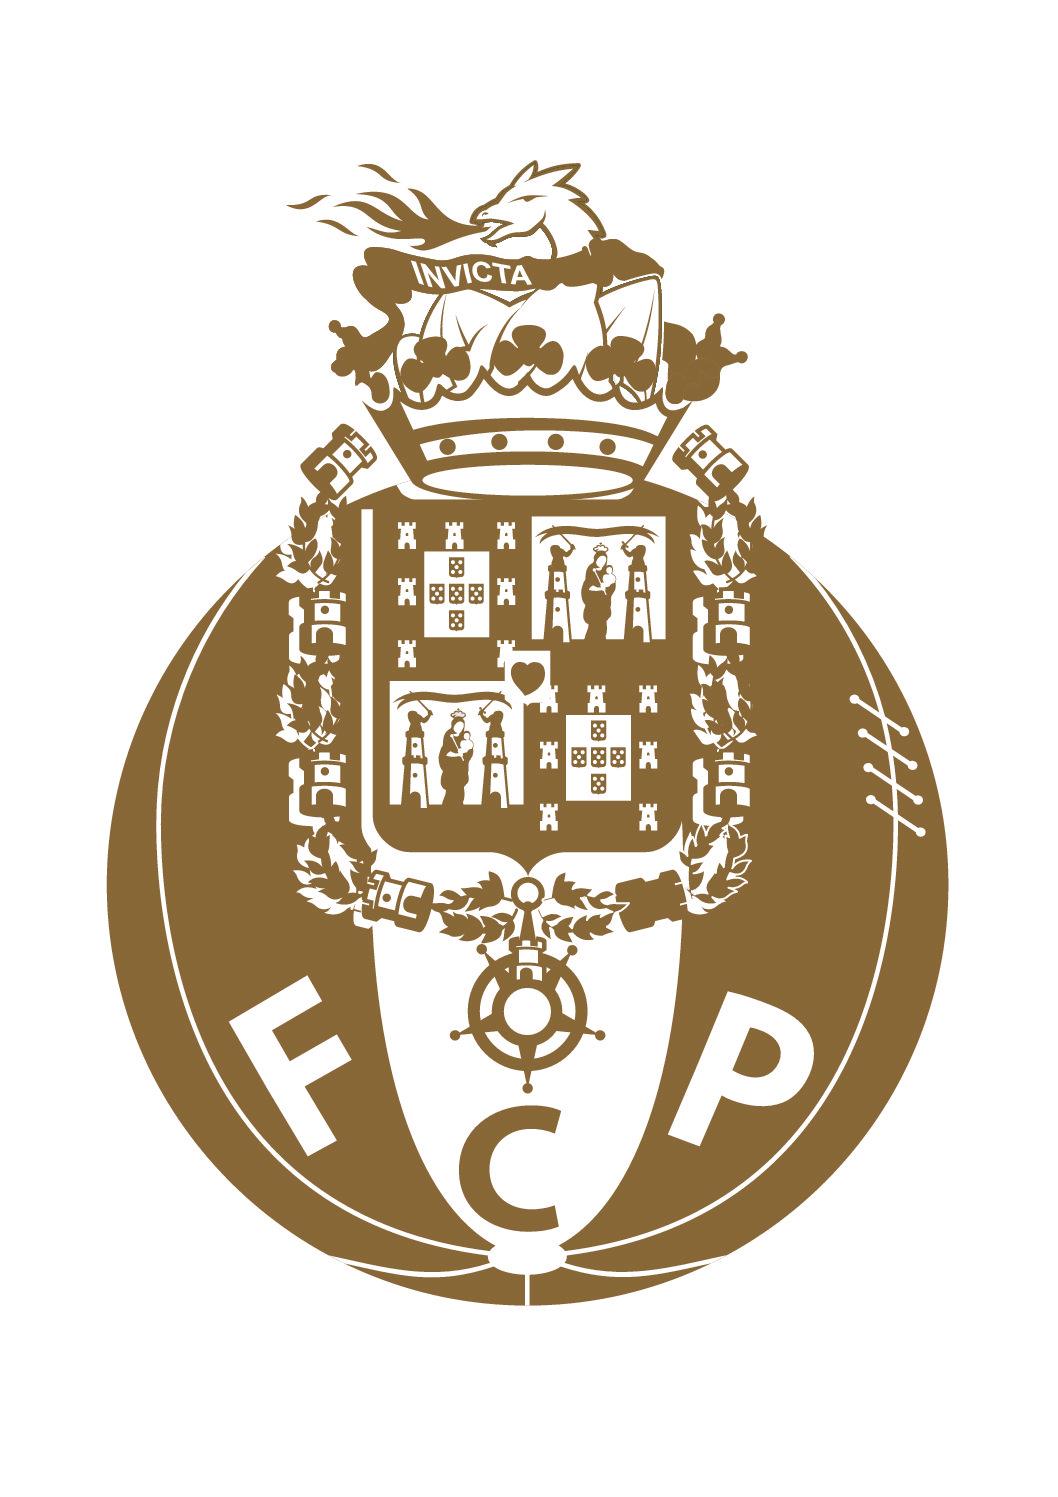 FARDAMENTO PERSONALIZADO PARA EQUIPE PORTO F.C DA CIDADE DE IBIRUBÁ/RS.